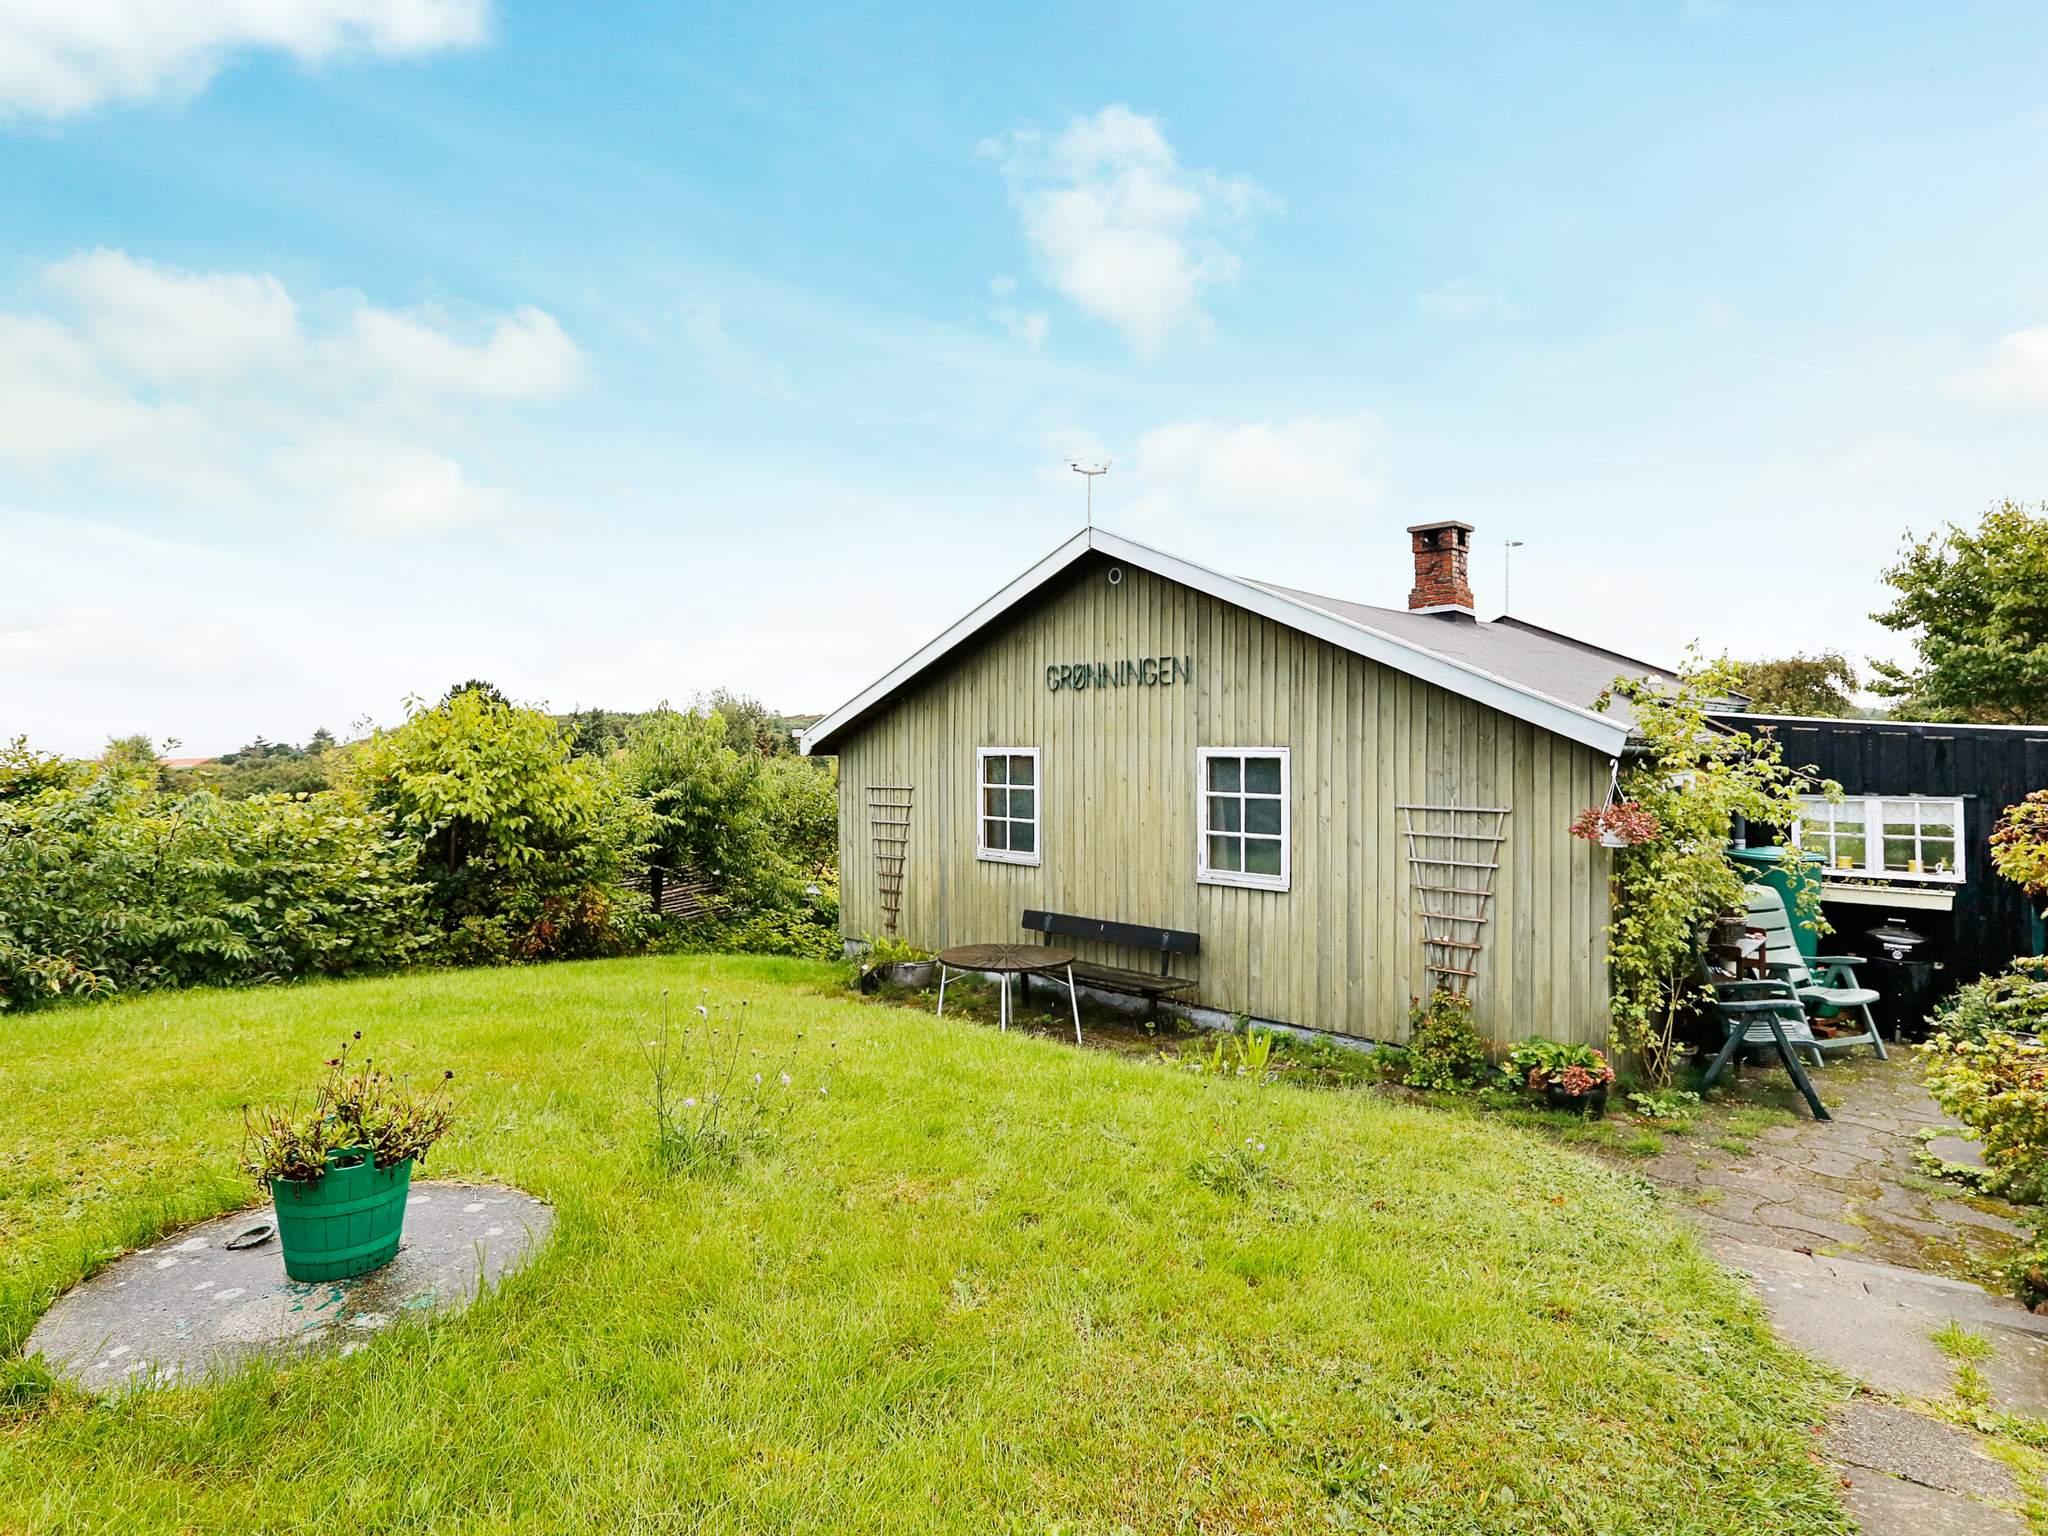 Ferienhaus Rågeleje (921041), Rågeleje, , Nordseeland, Dänemark, Bild 25